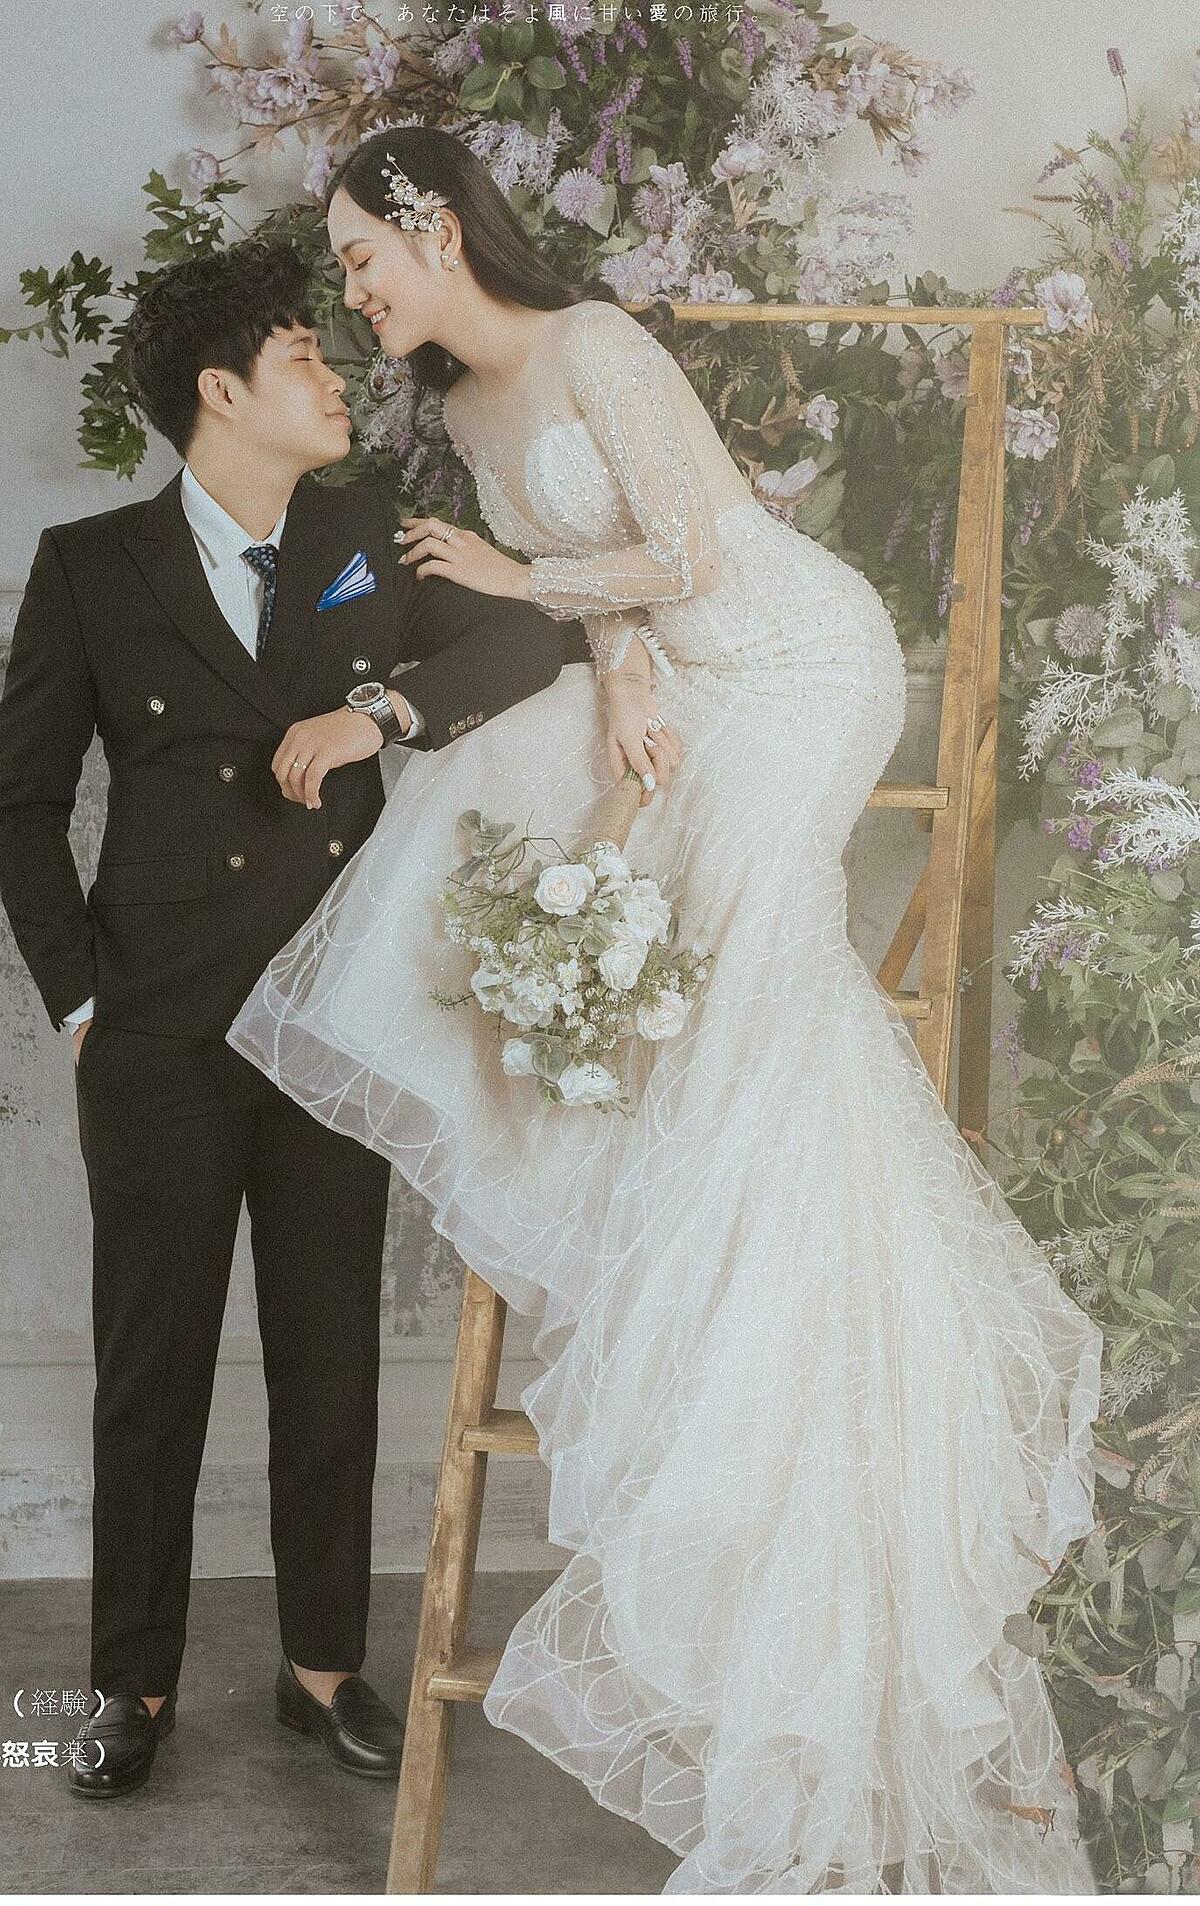 Sau hơn một năm yêu nhau, cặp đôi quyết định về chung một nhà và thông báo tin vui tới fan bằng bộ ảnh cưới được chụp theo phong cách Hàn Quốc, lãng mạn, ngọt ngào.